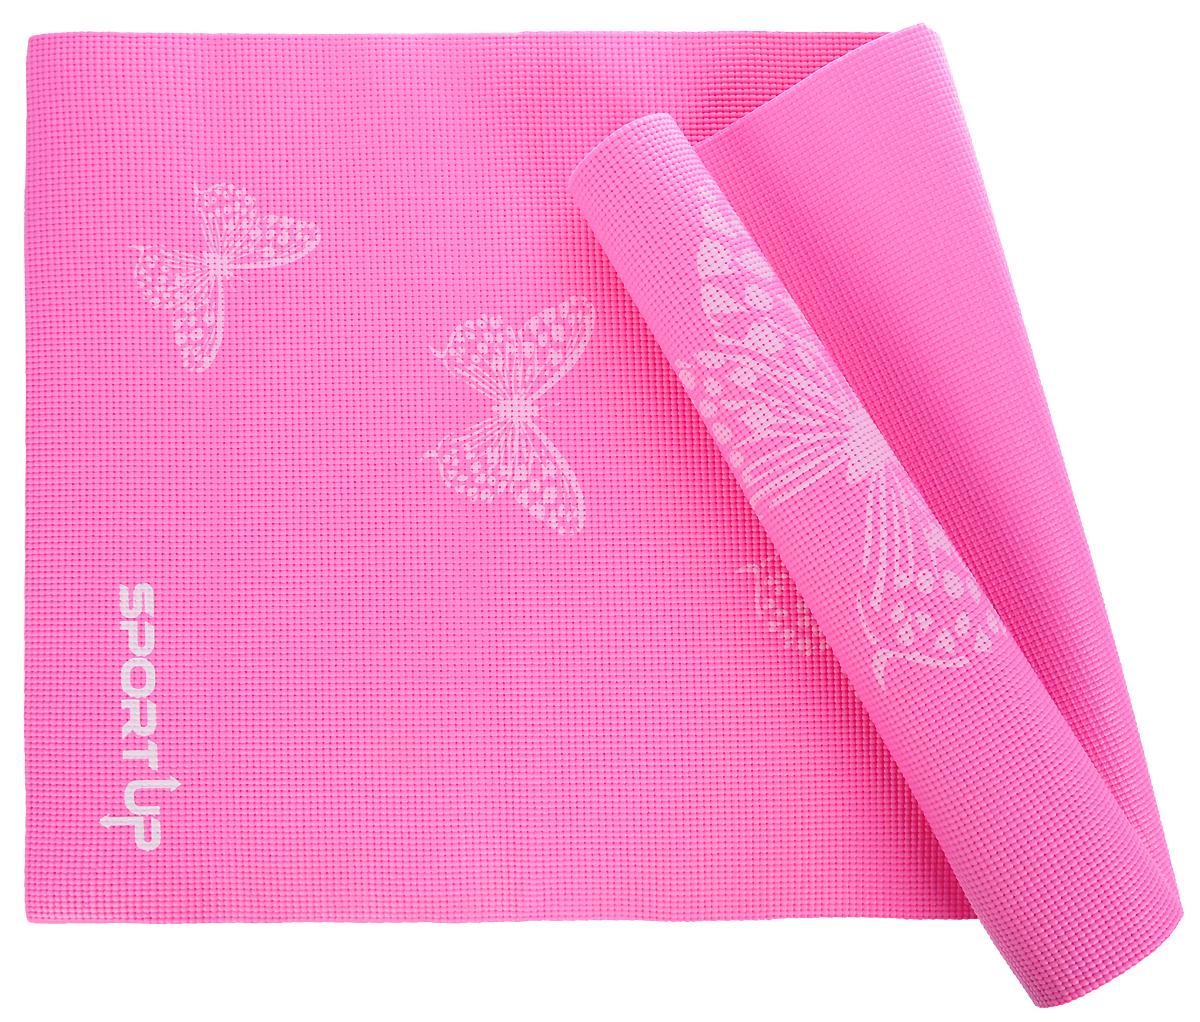 Коврик для йоги Sport UP, цвет: розовый, 173 х 61 х 0,6 см. IR97502IR97502/pinkКоврик для йоги Sport UP выполнен из ПВХ, чтобы обеспечить максимальное сцепление с поверхностью и комфорт во время тренировки. Коврик легко сворачивается и его удобно хранить.